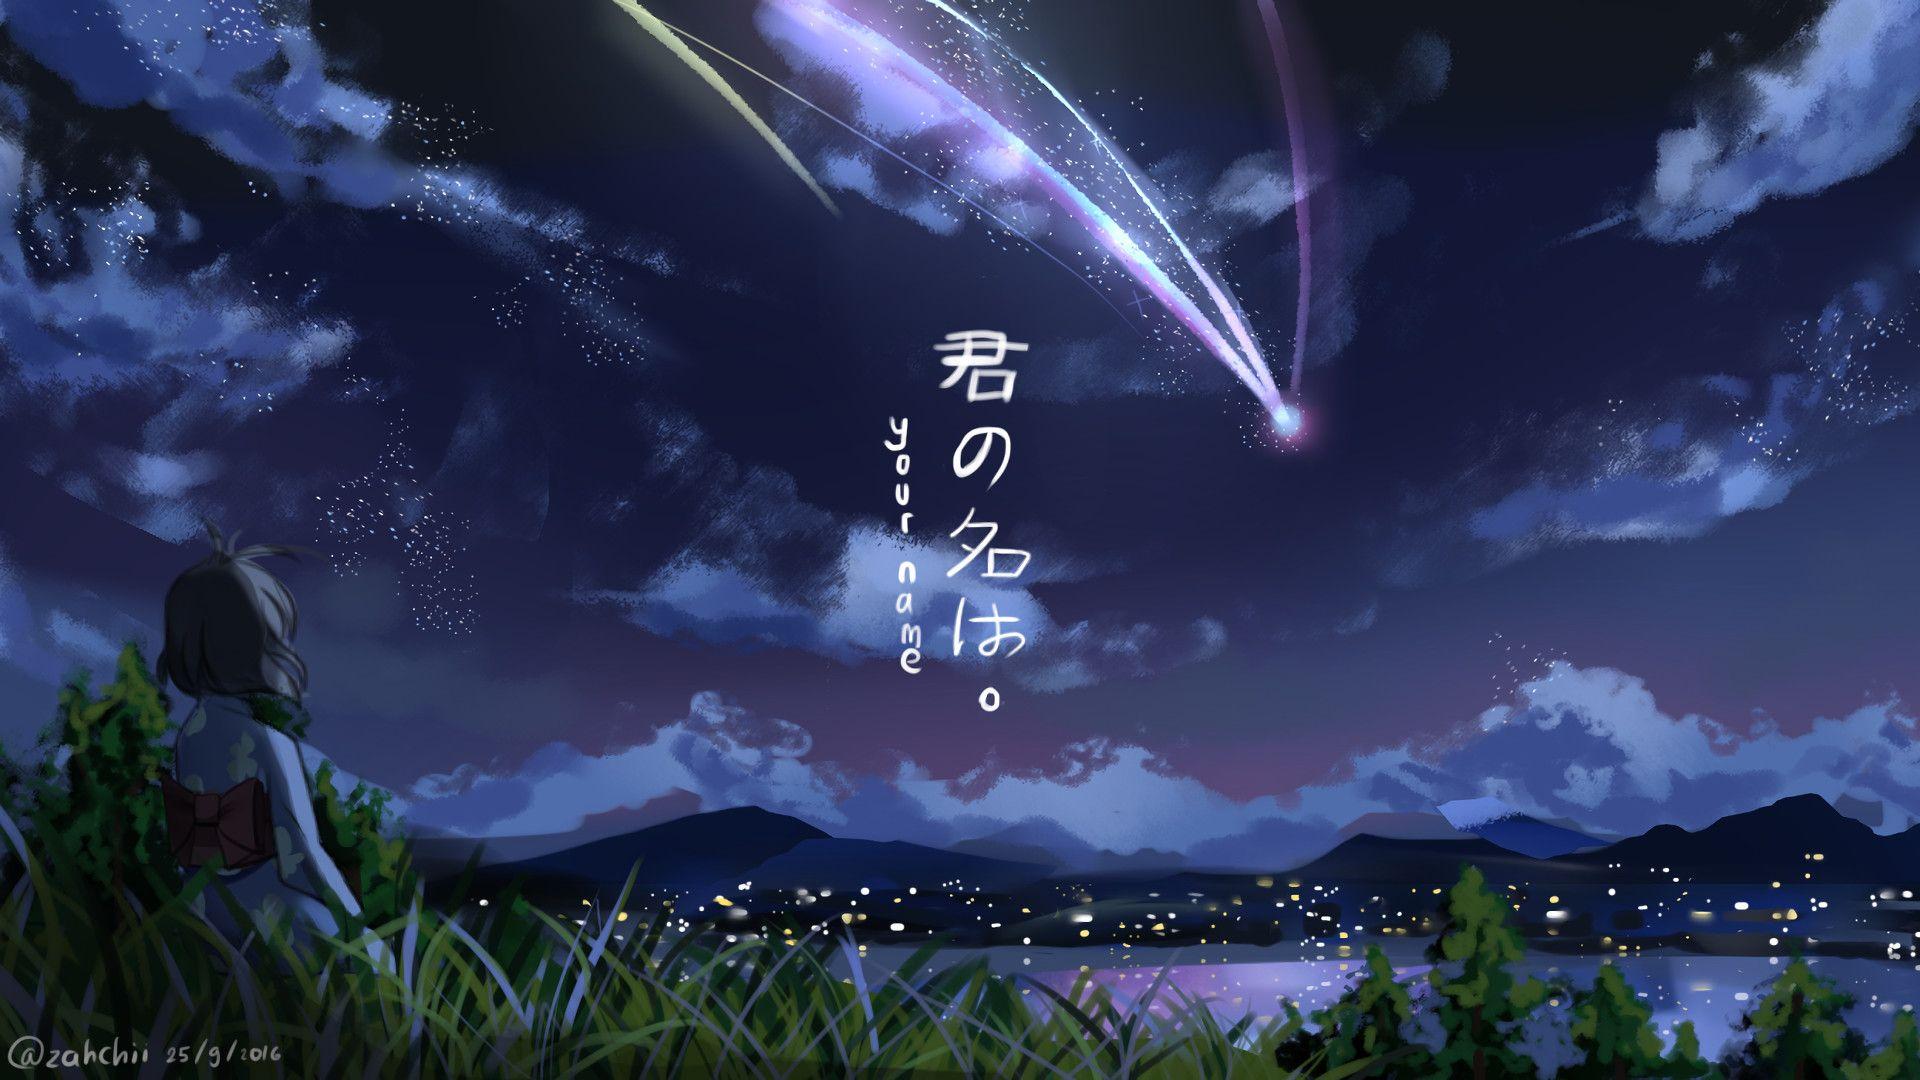 1920x1080 Anime Your Name Mitsuha Miyamizu Kimi No Na Wa Wallpaper Your Name Wallpaper Kimi No Na Wa Your Name Anime